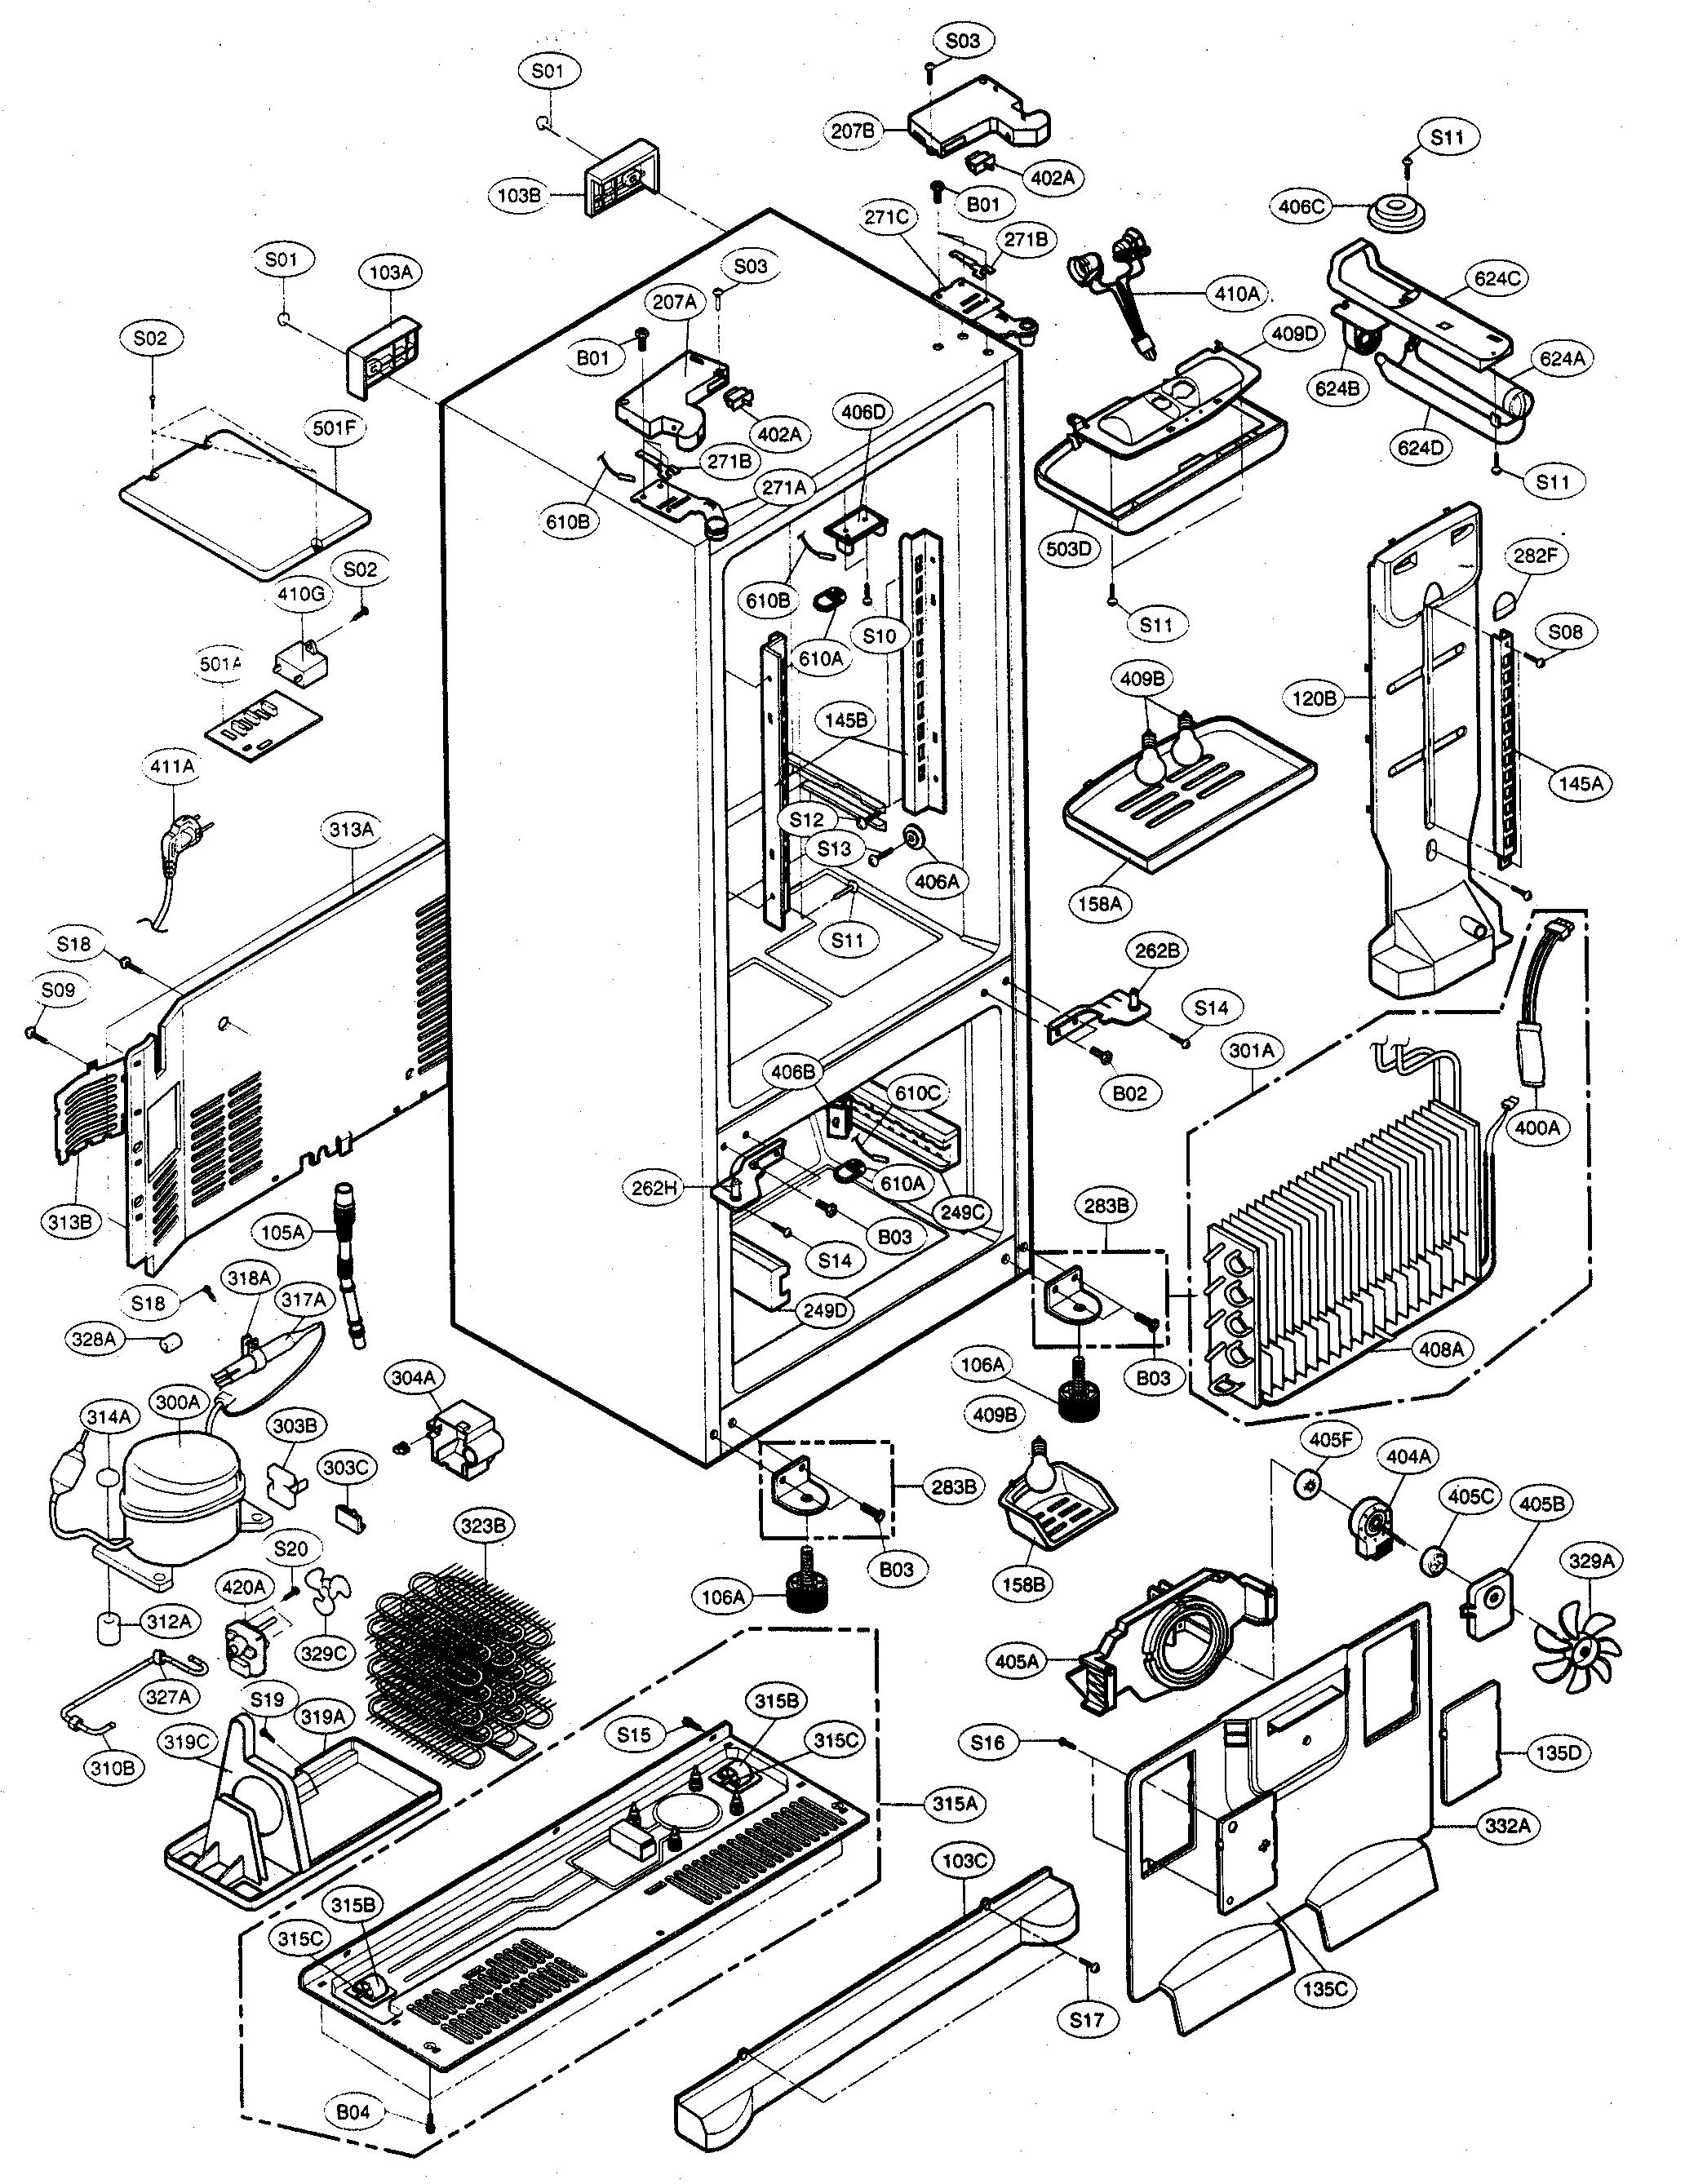 kenmore elite refrigerator parts model 79575542401. Black Bedroom Furniture Sets. Home Design Ideas